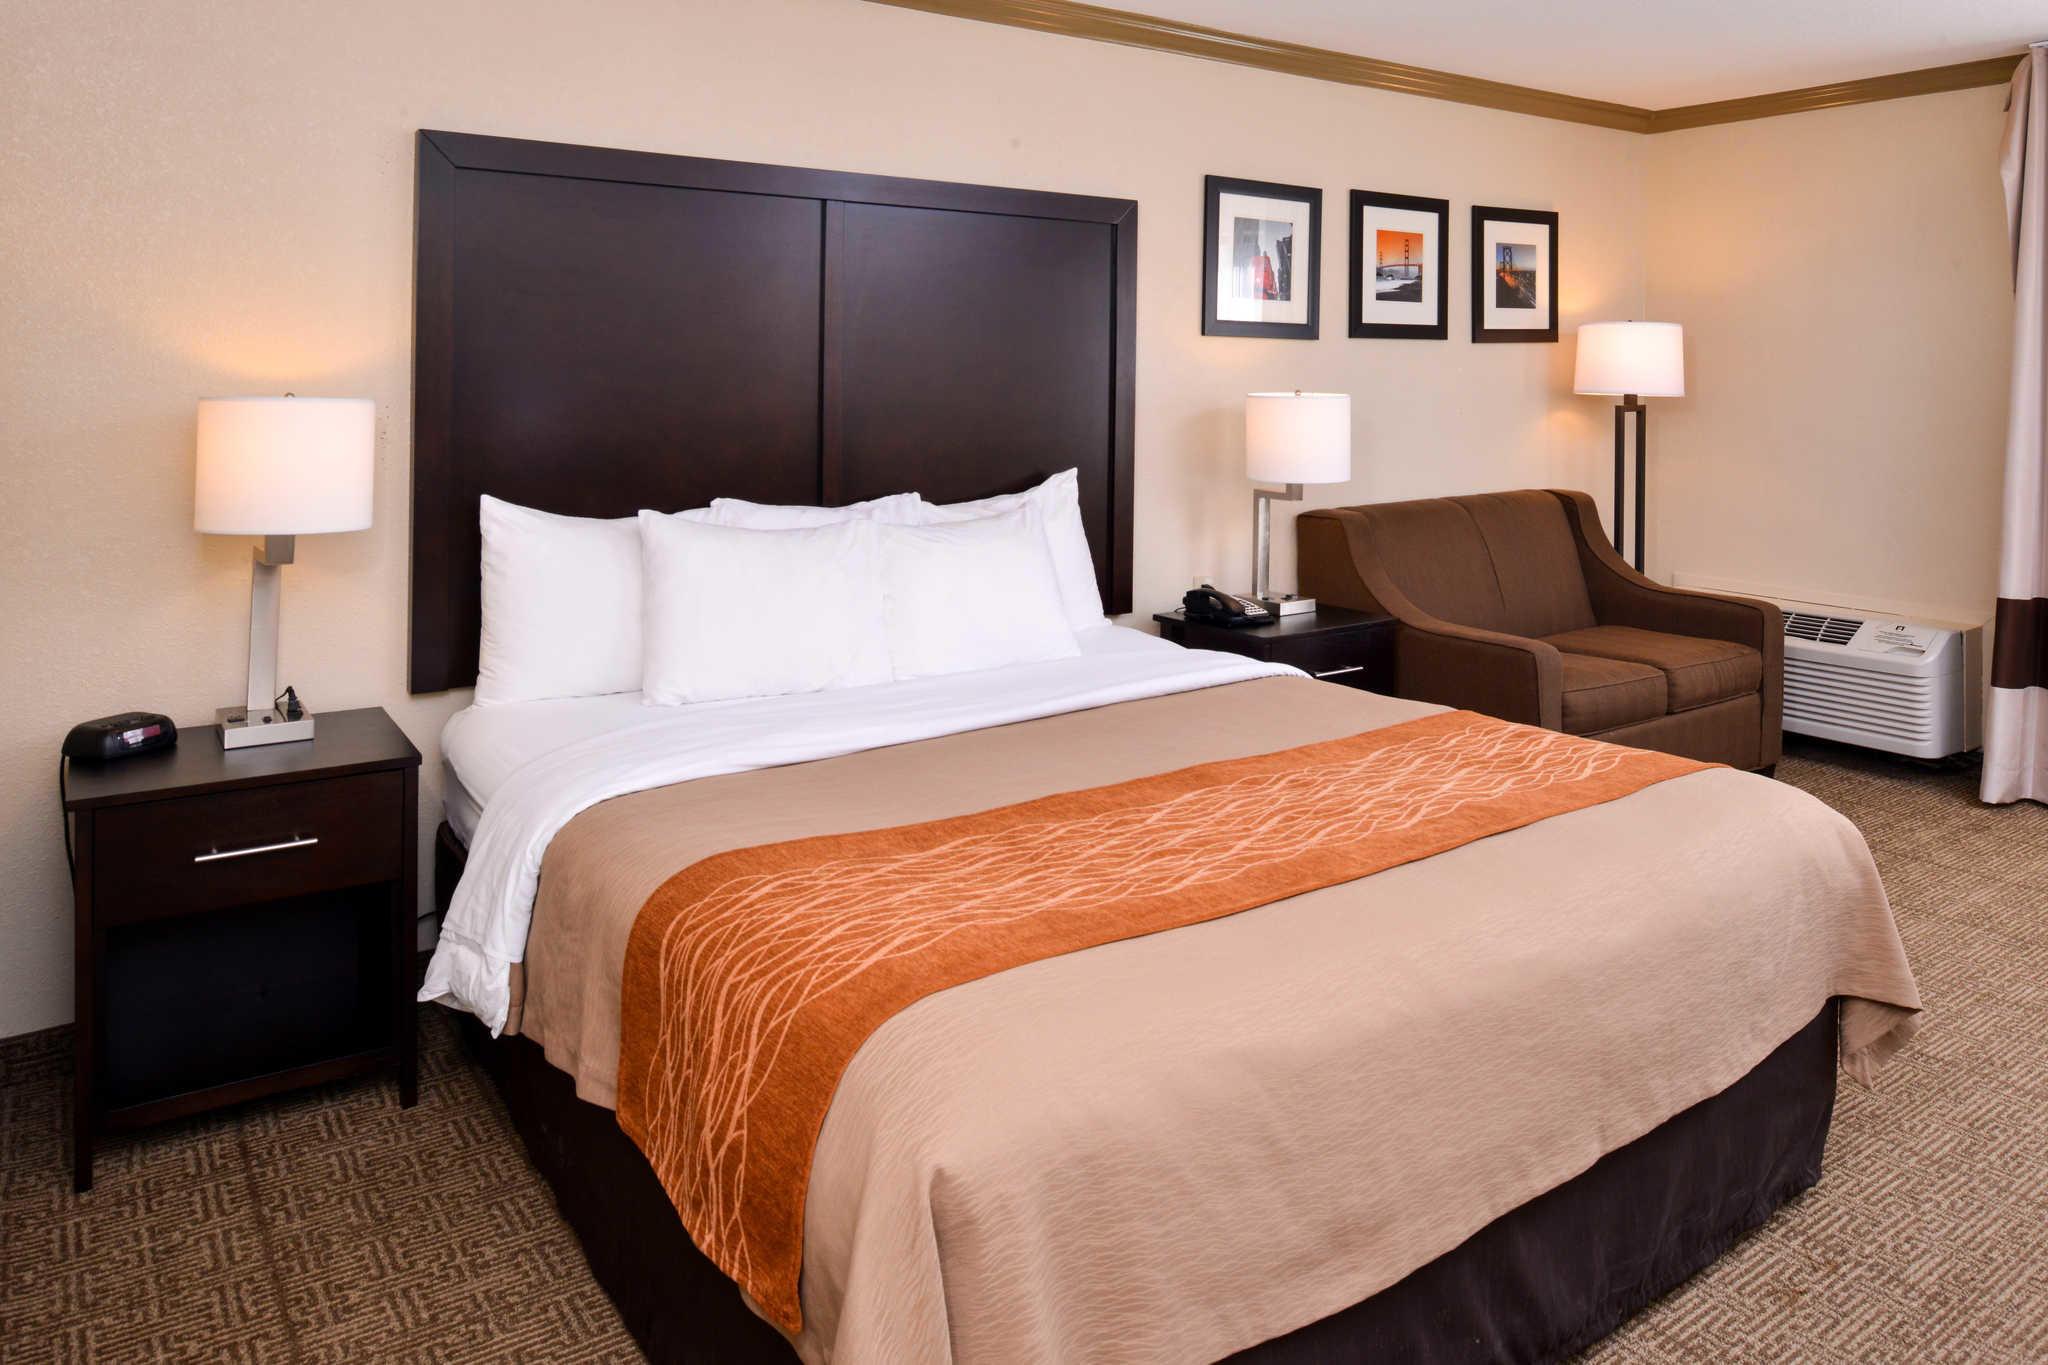 Hotel Rooms In Castro Valley